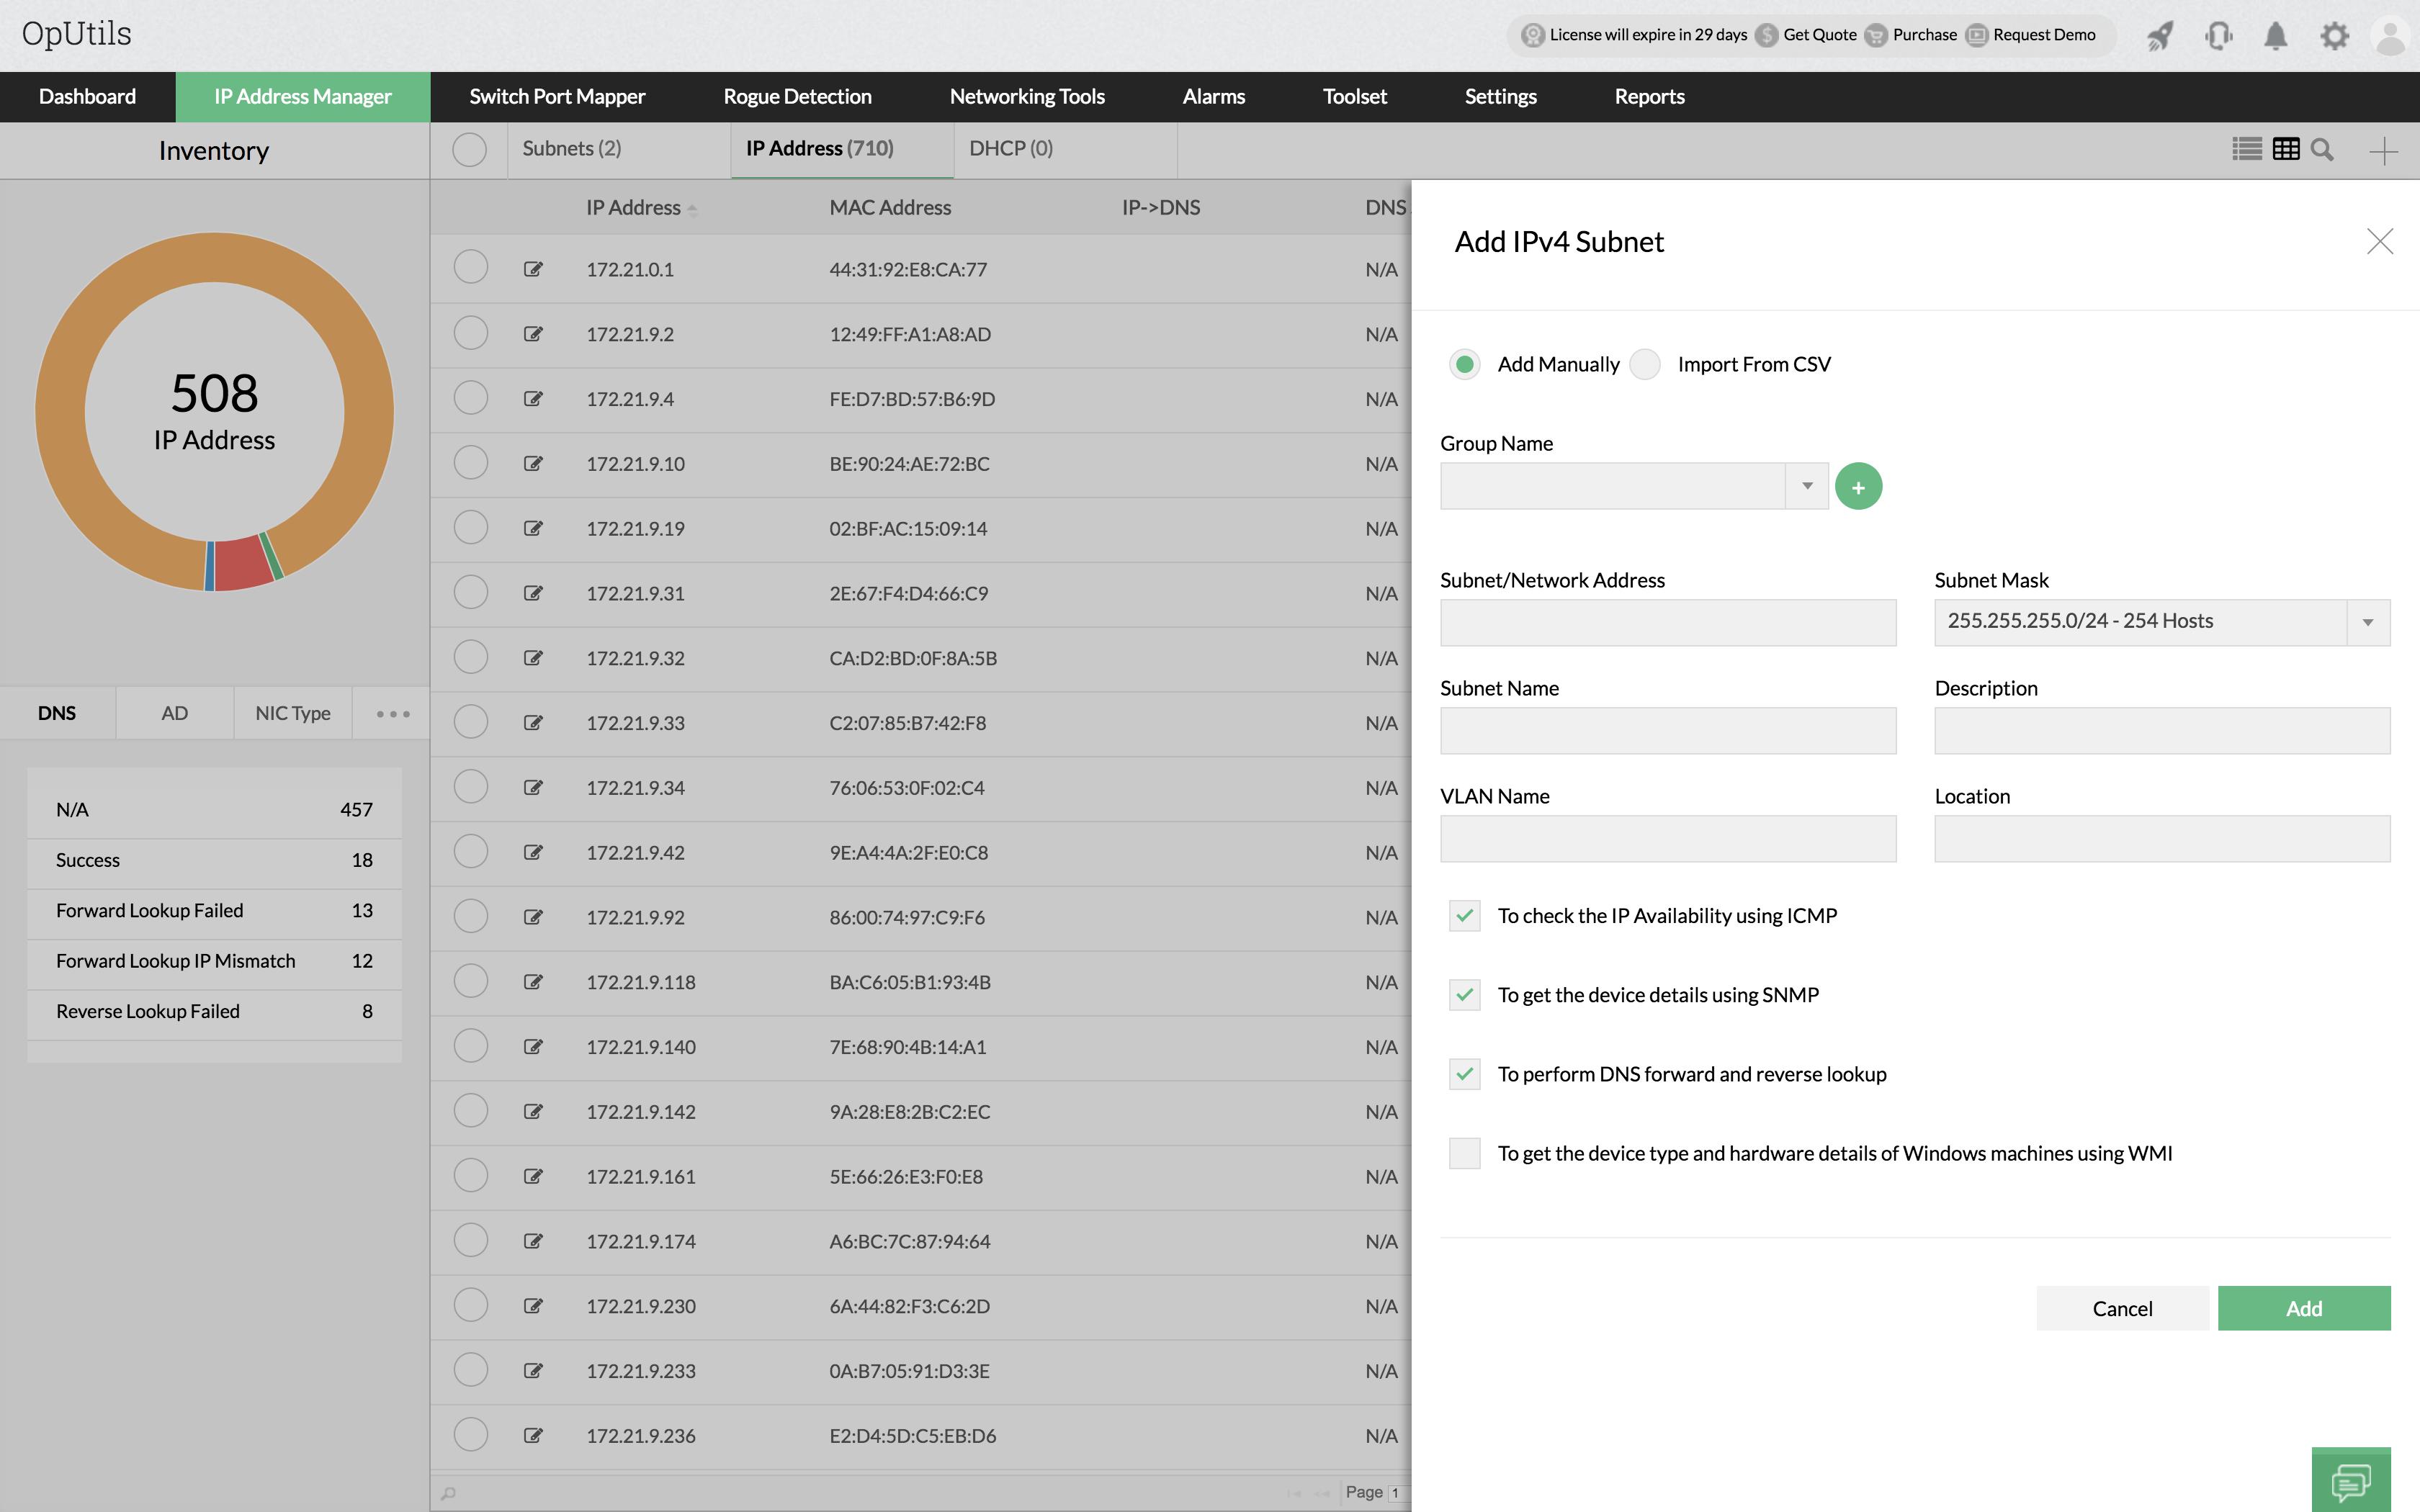 IP Address Management Software - ManageEngine Oputils